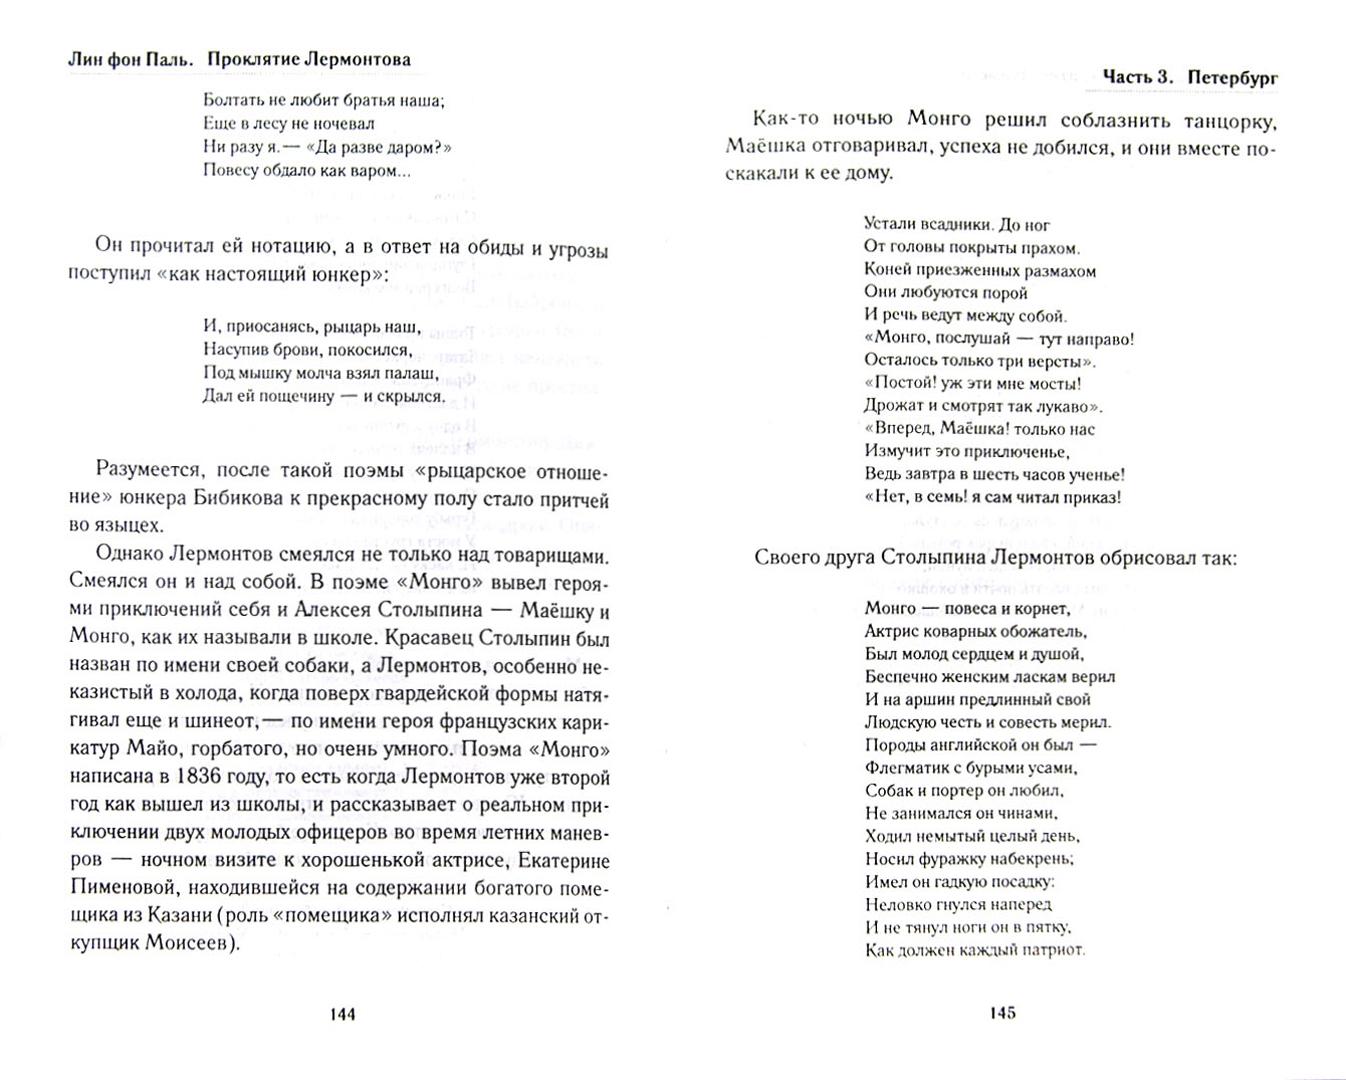 Иллюстрация 1 из 21 для Проклятие Лермонтова - Лин Паль | Лабиринт - книги. Источник: Лабиринт